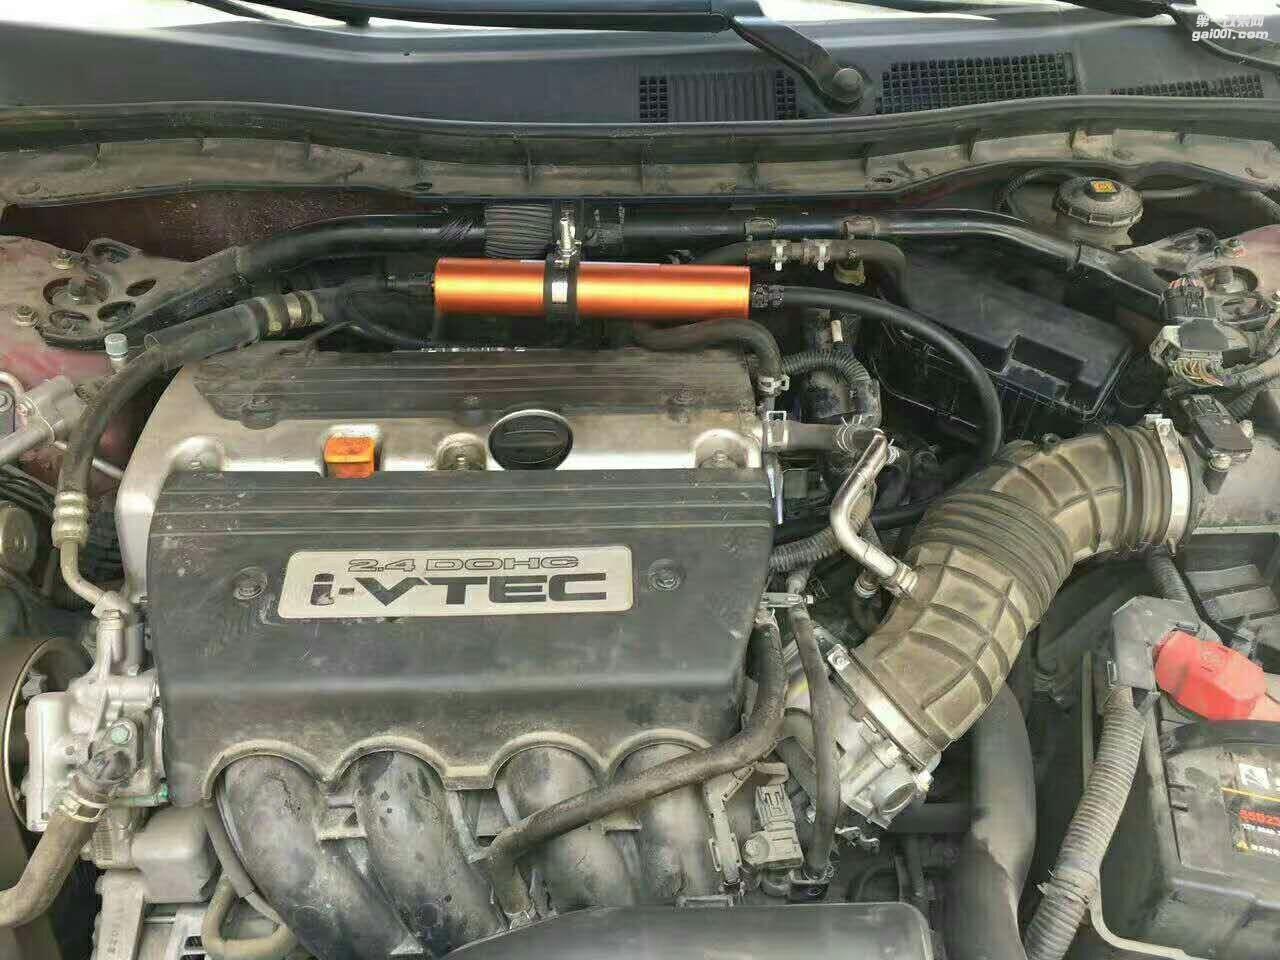 荣威750发动机图片_[动力引擎] 荣威350 550 750 提升动力加装KCH 或者刷ECU - 改装配件 ...